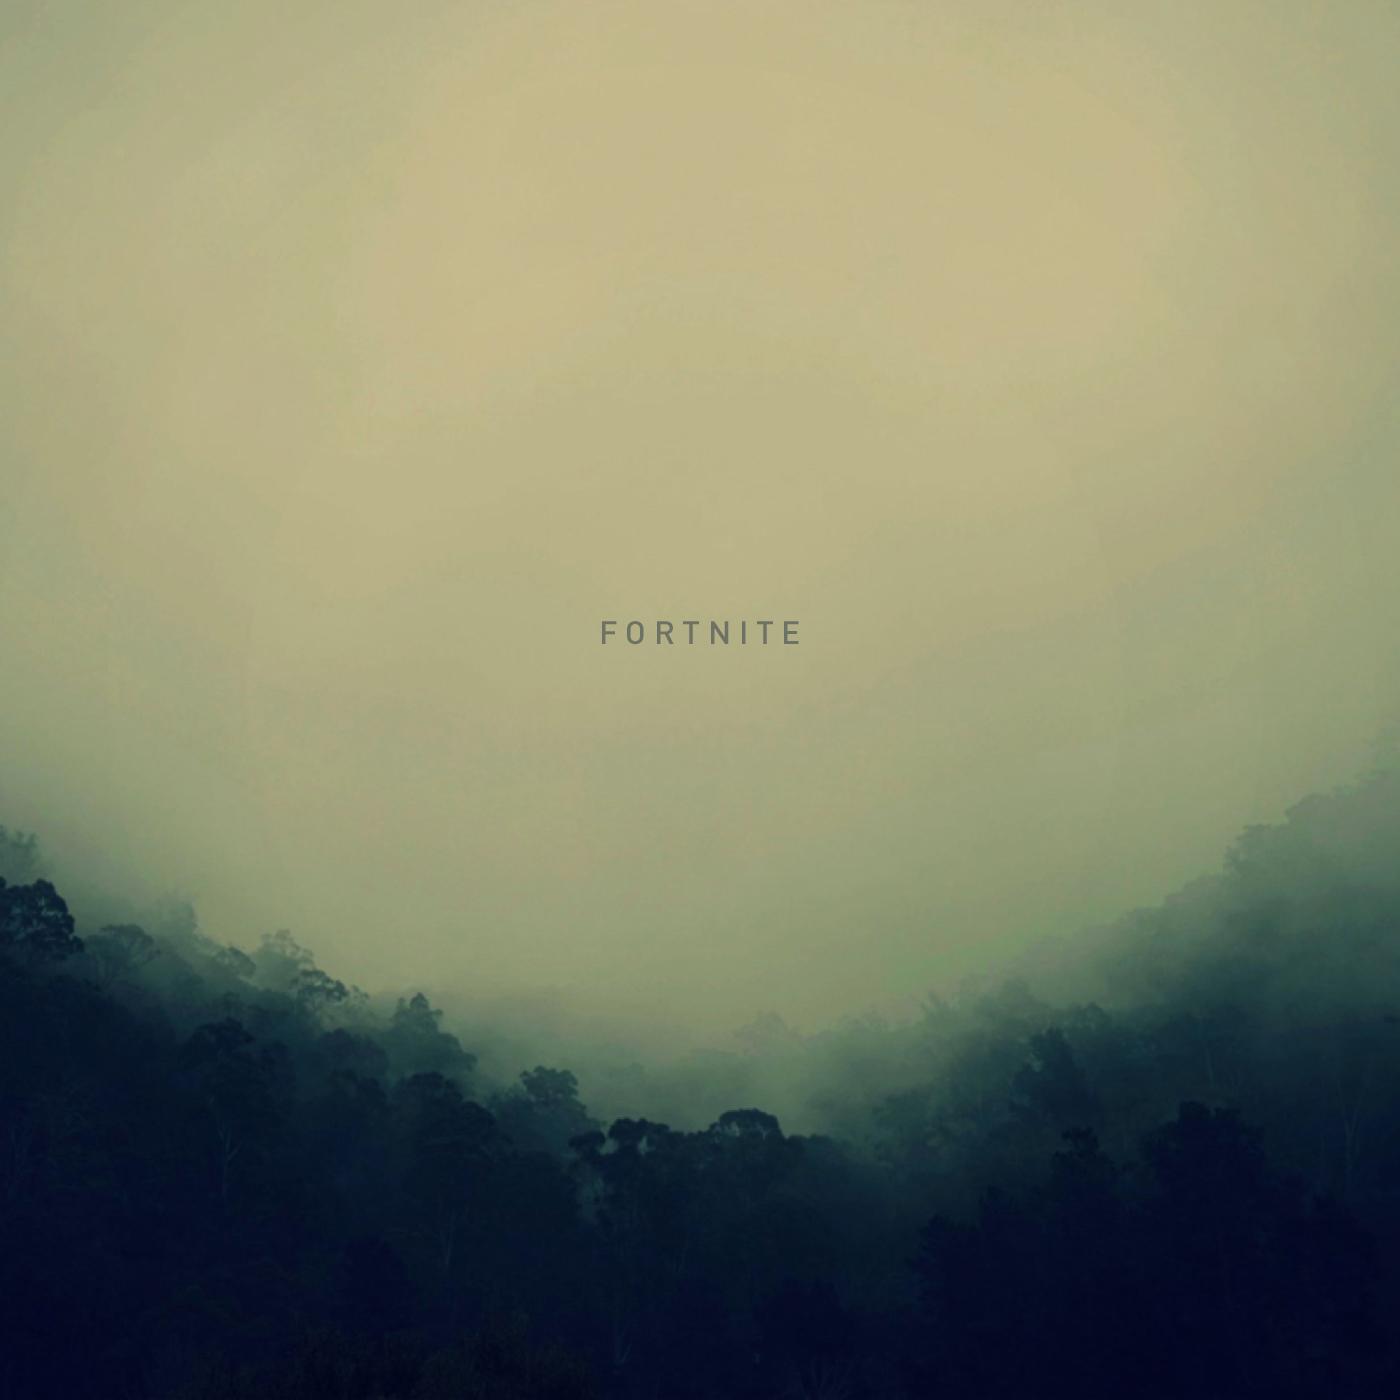 fortnite music cover